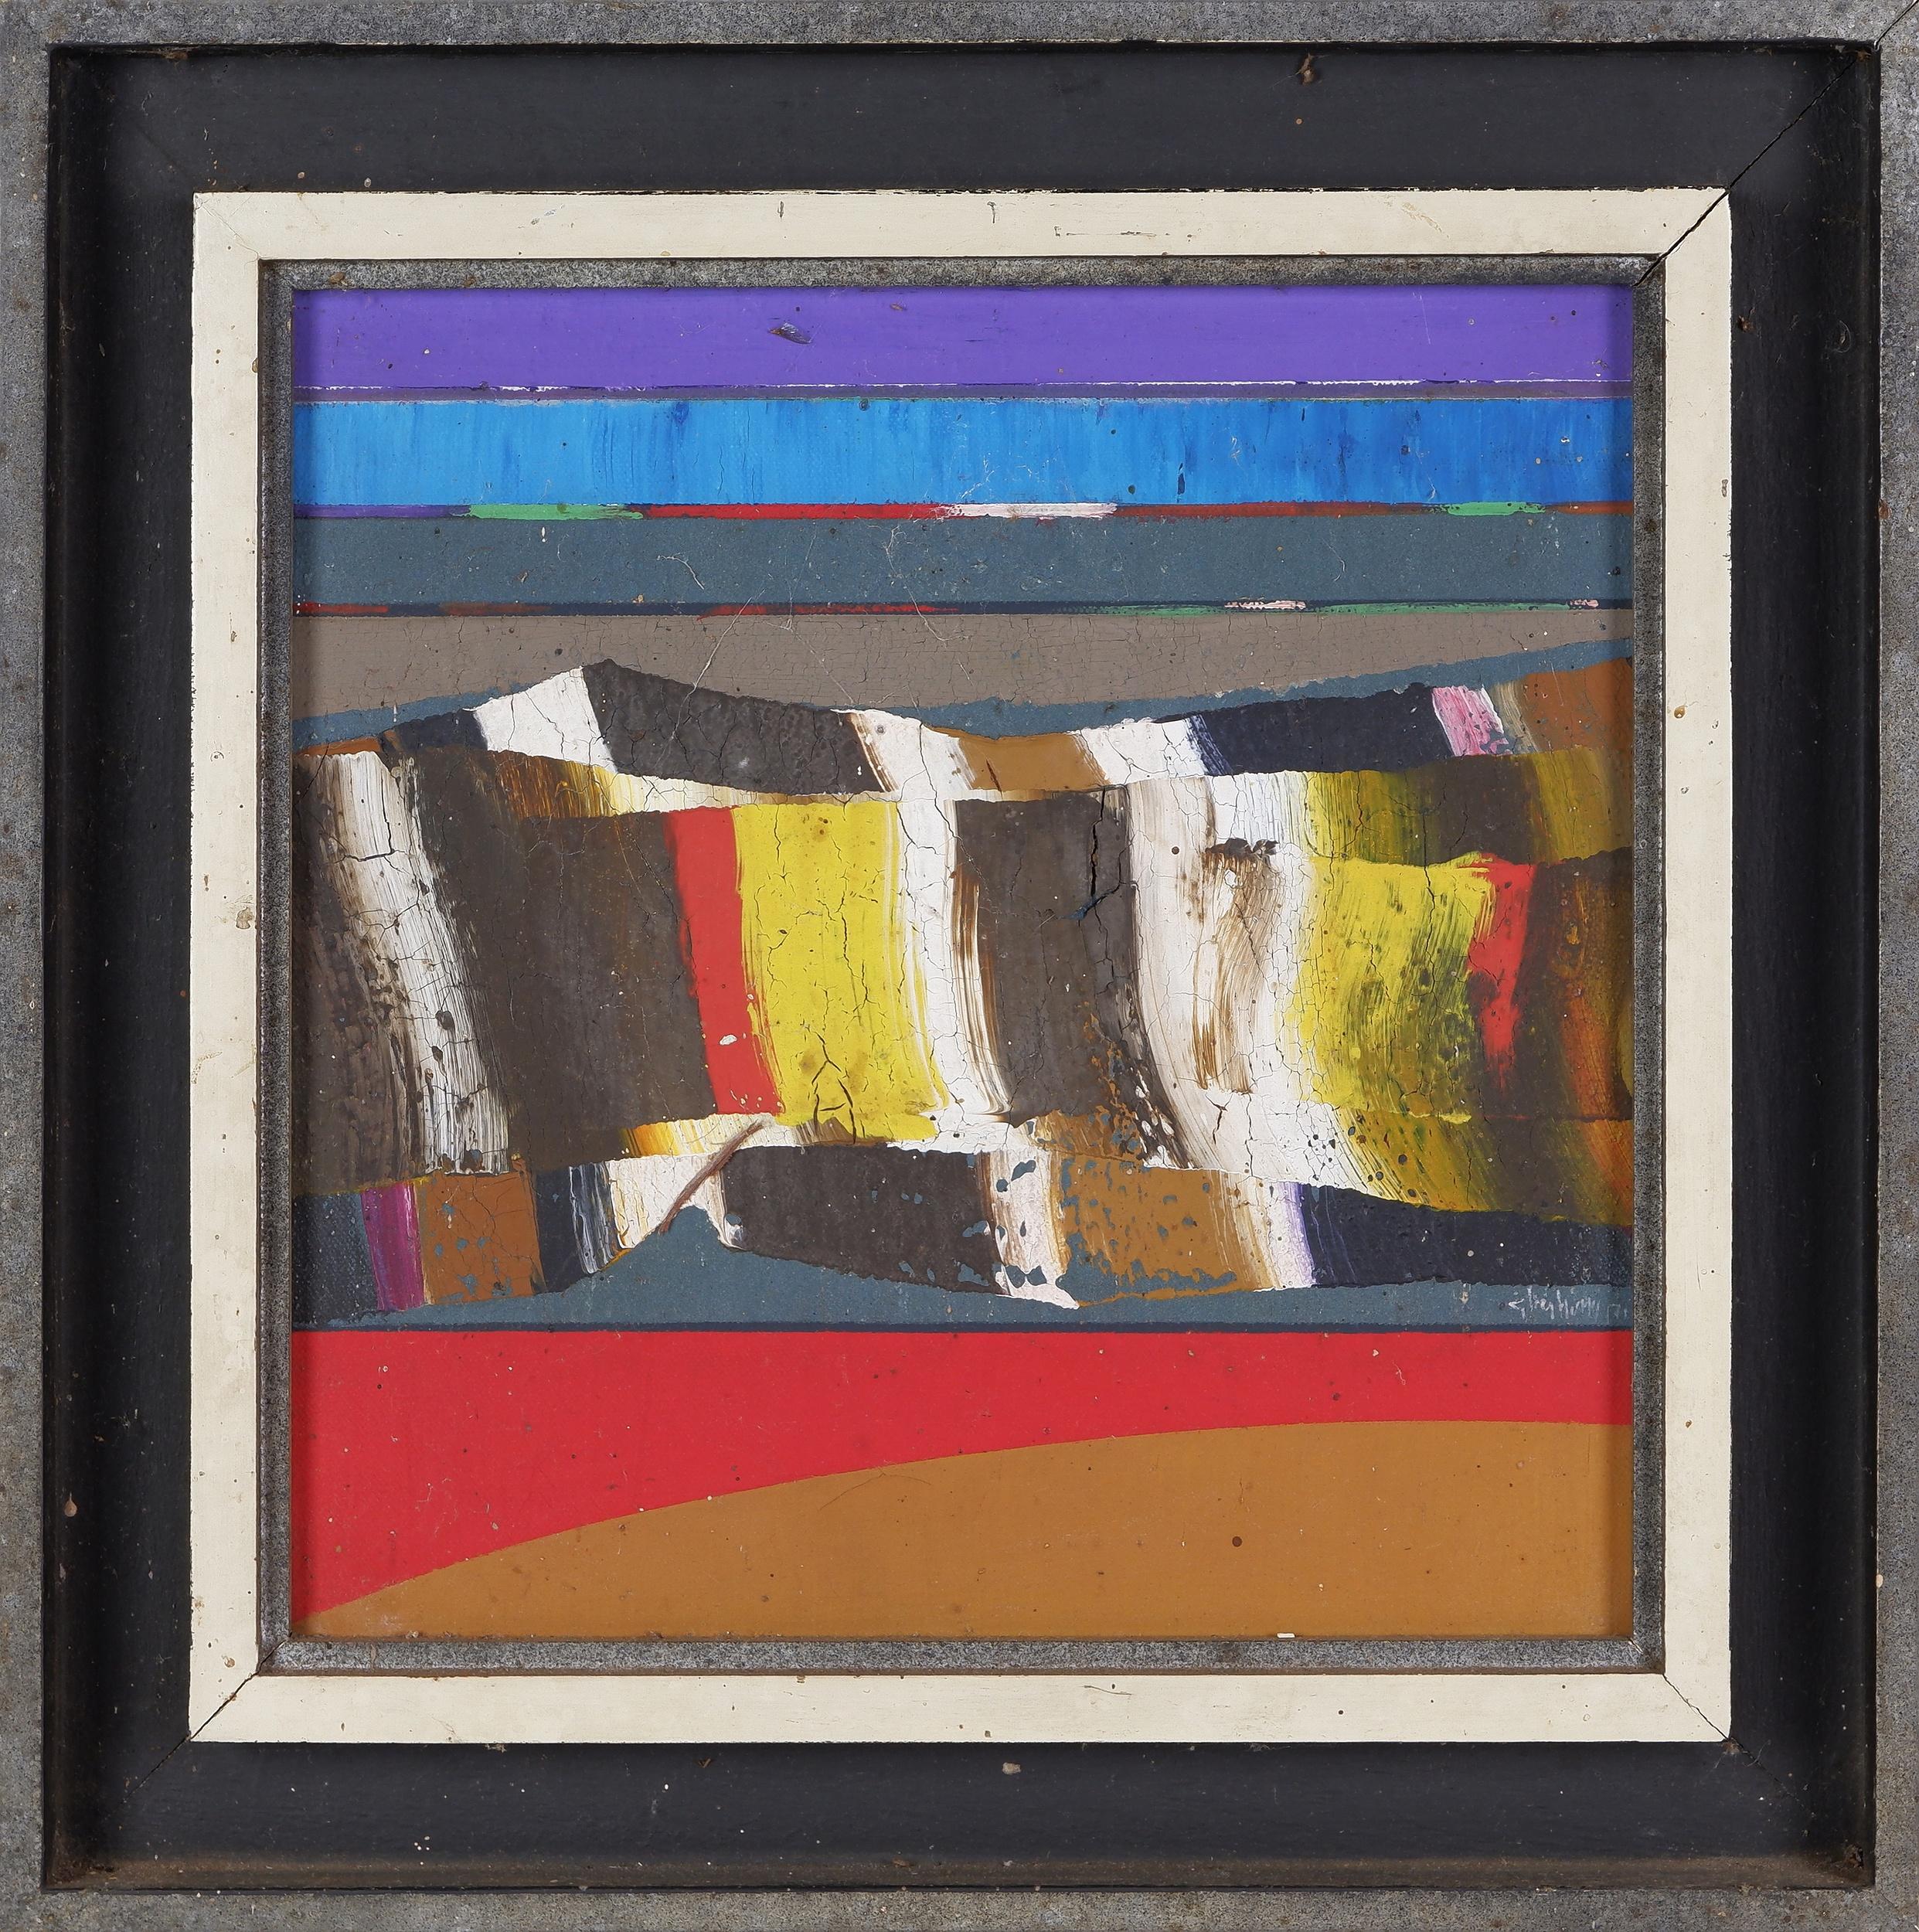 'Thomas Gleghorn (born 1925), Arkaroola Wall 1971, Oil on Canvas'